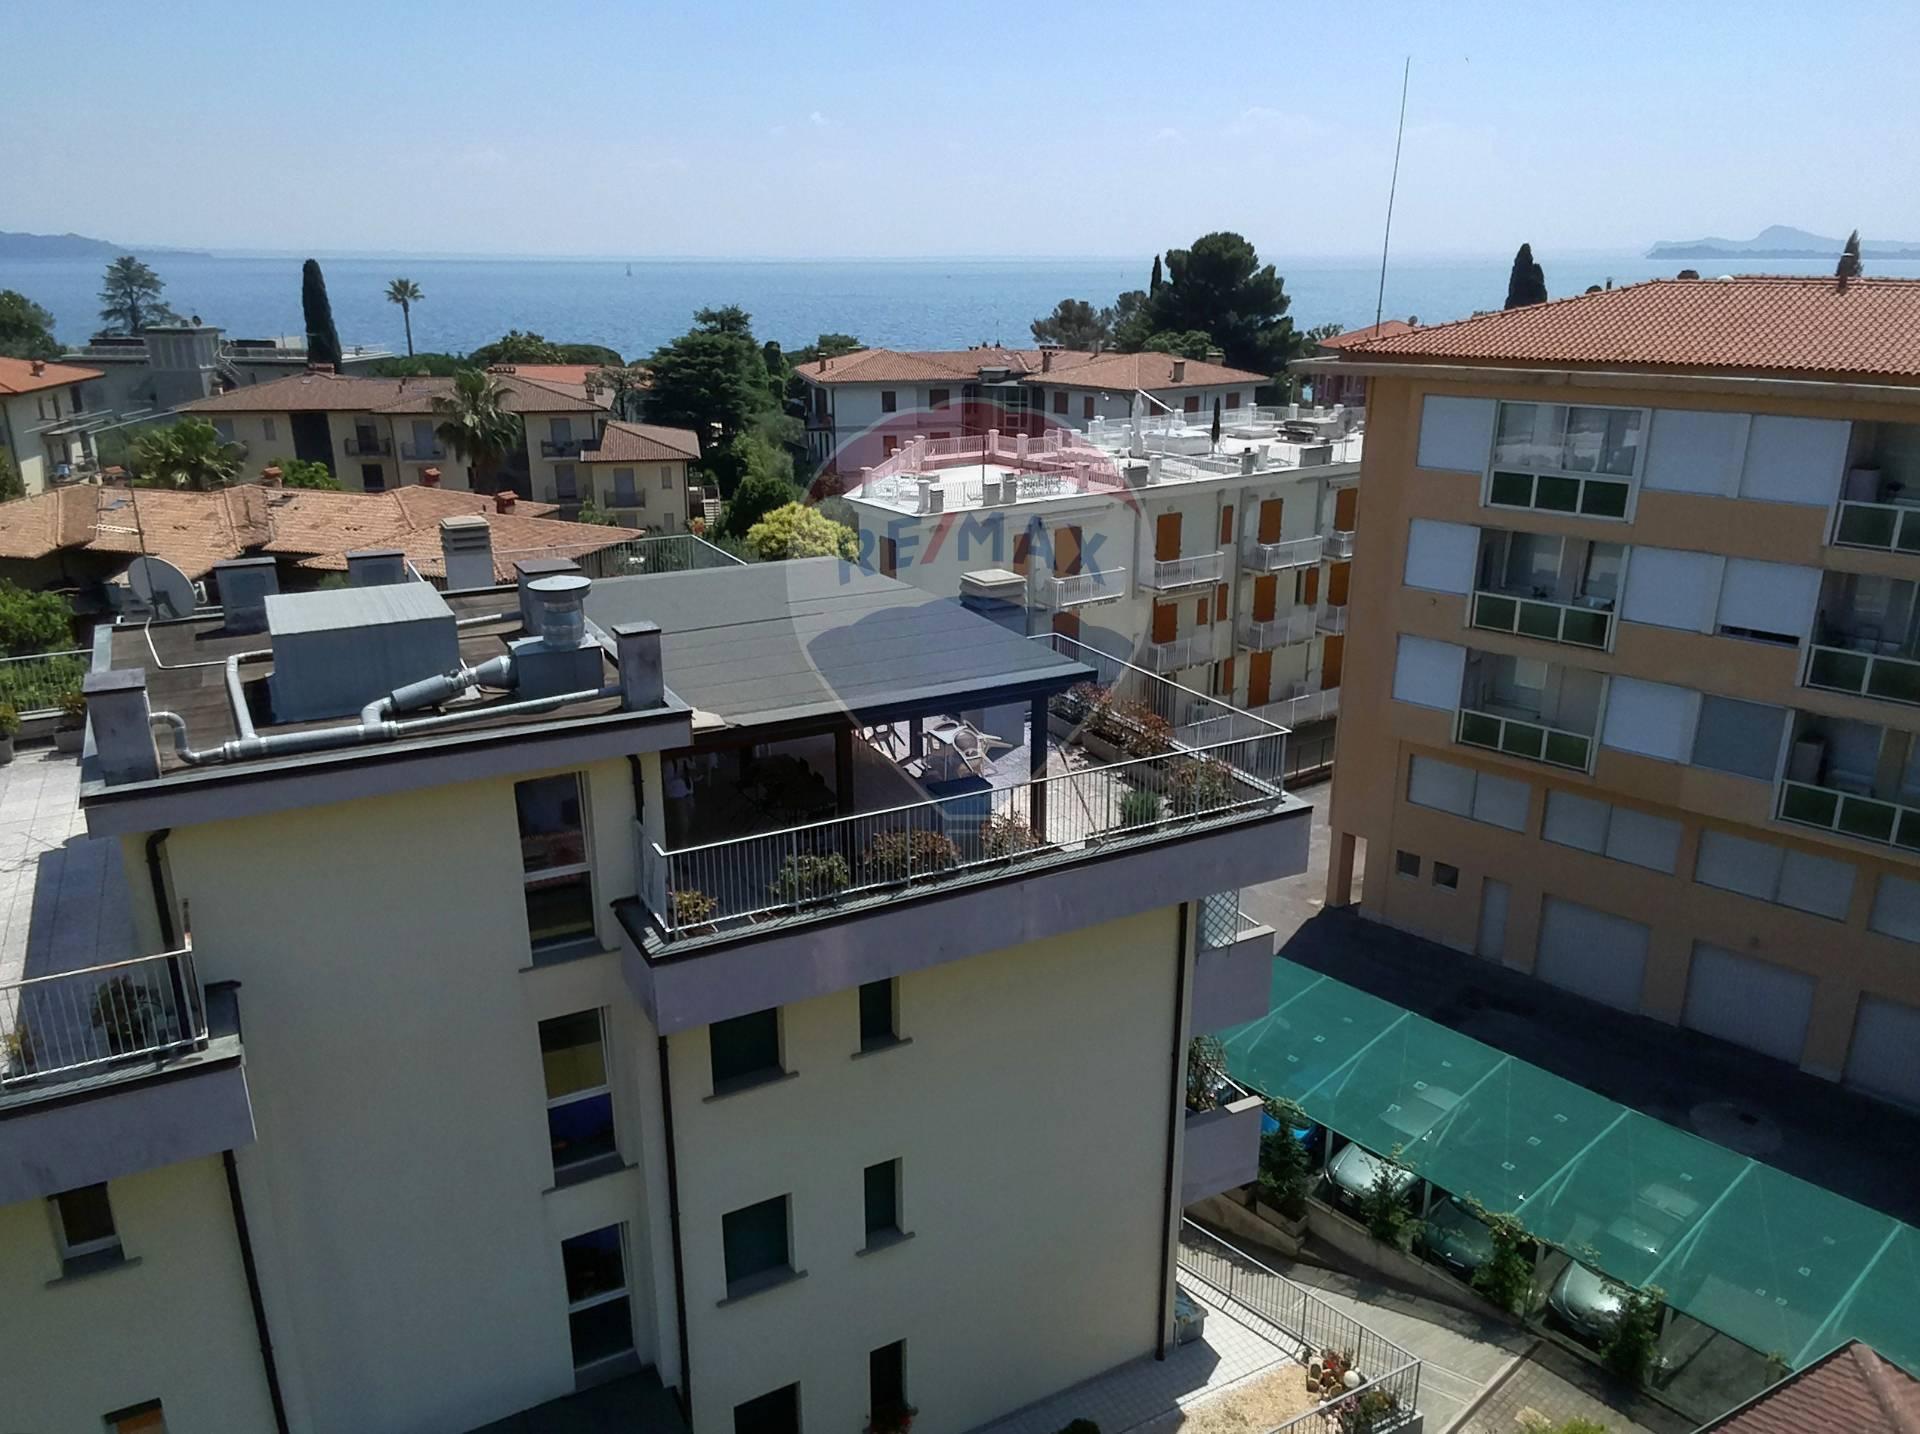 Appartamento in vendita a Toscolano-Maderno, 3 locali, zona Zona: Maderno, prezzo € 298.000   CambioCasa.it